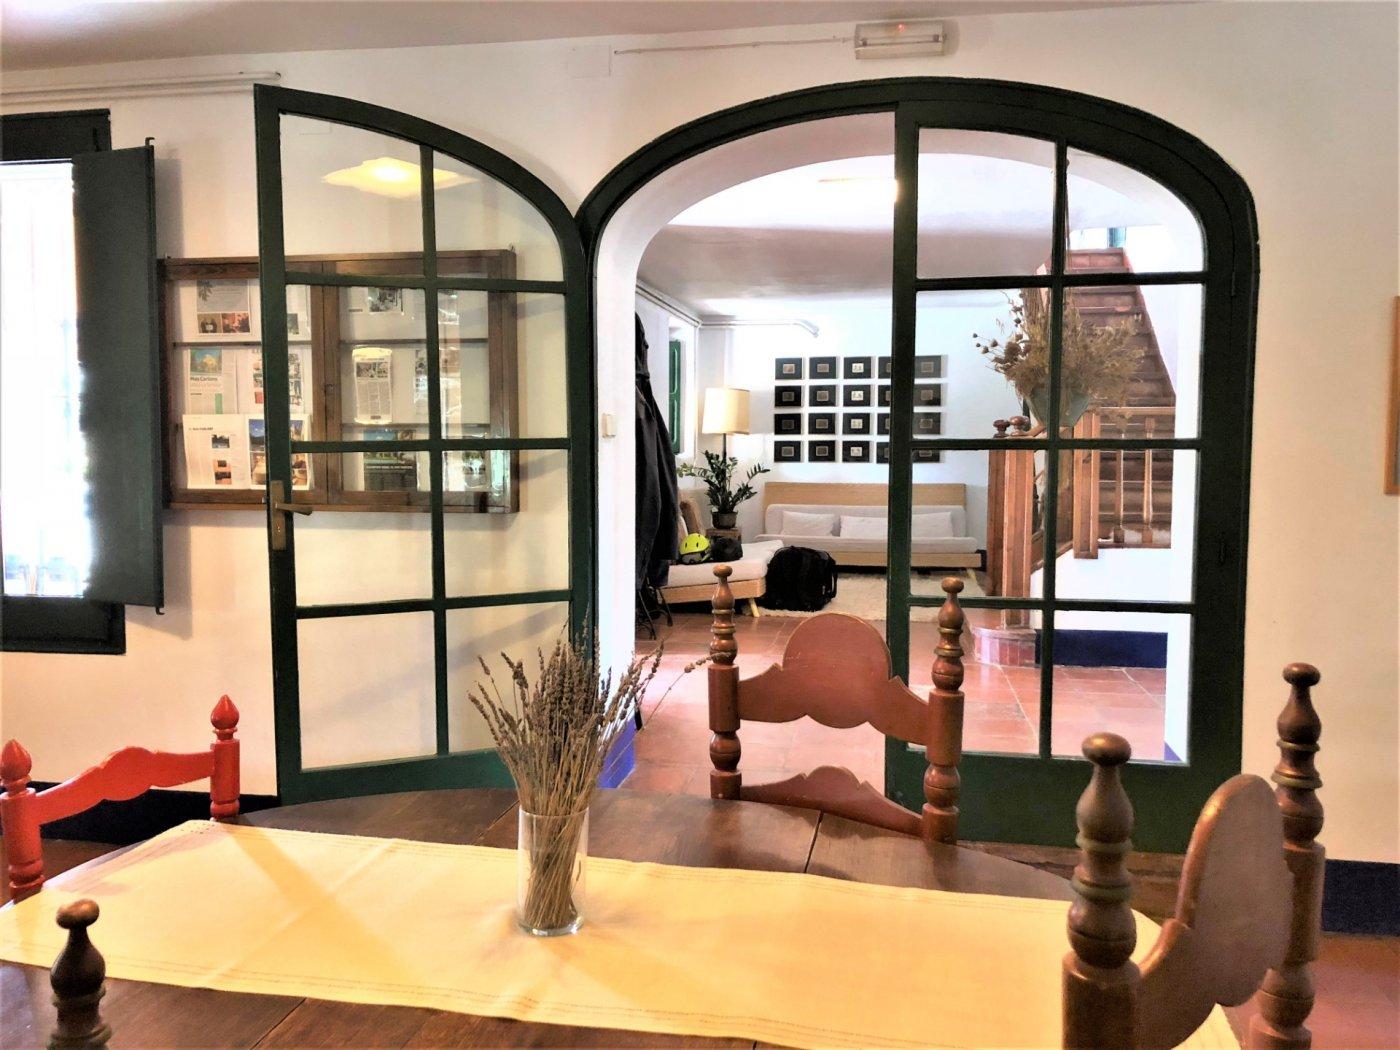 Casa en venta en montblanc - imagenInmueble19